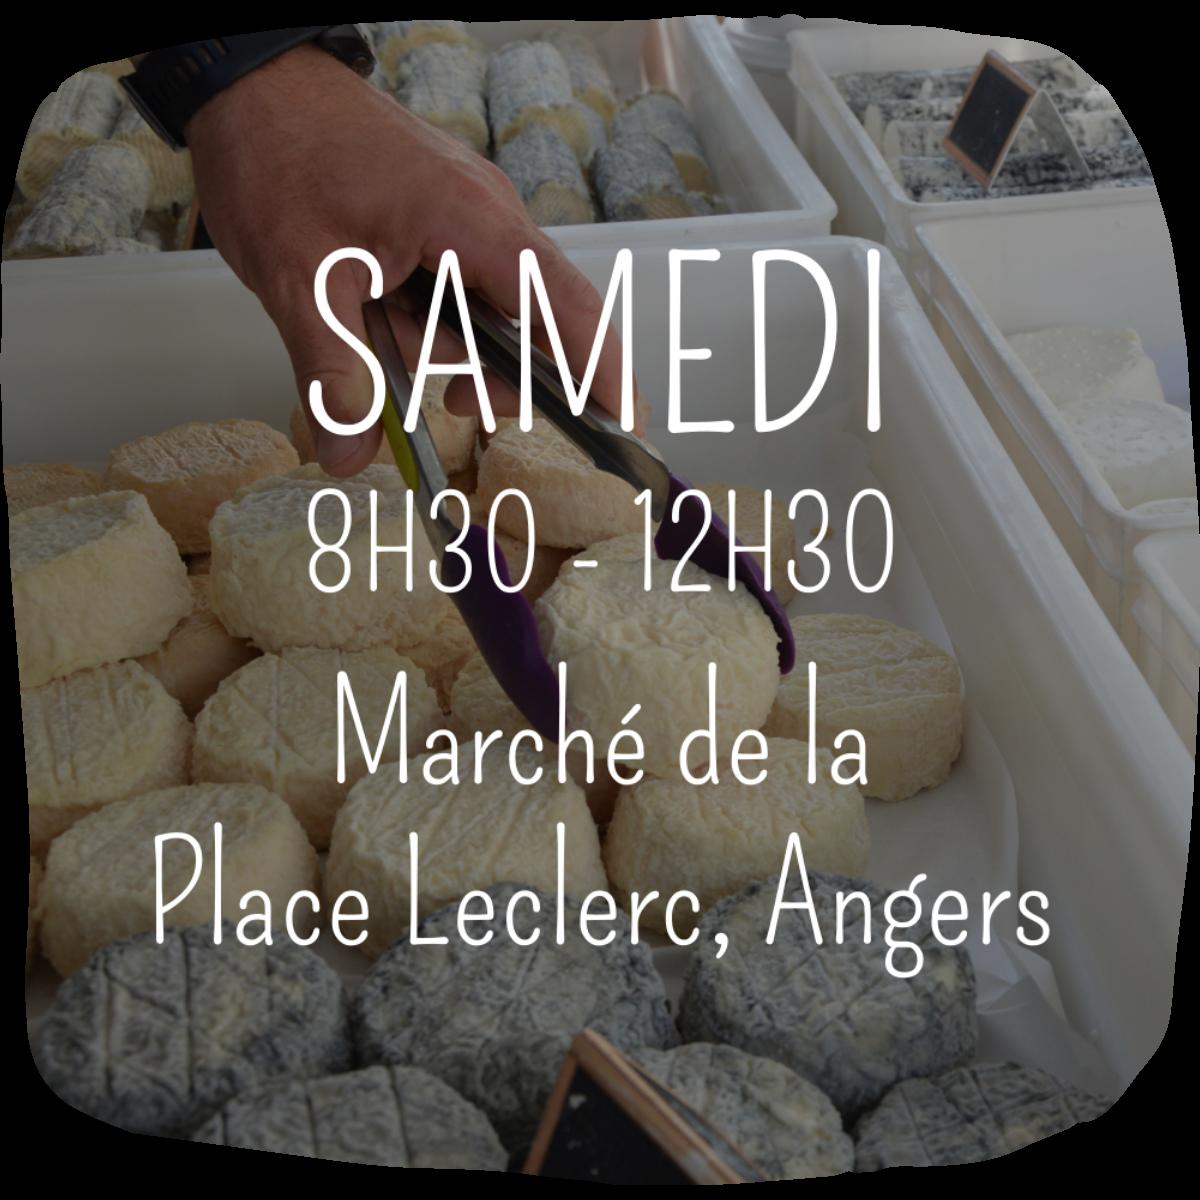 Marchés Ferme Anjou Biquettes Place Leclerc Angers